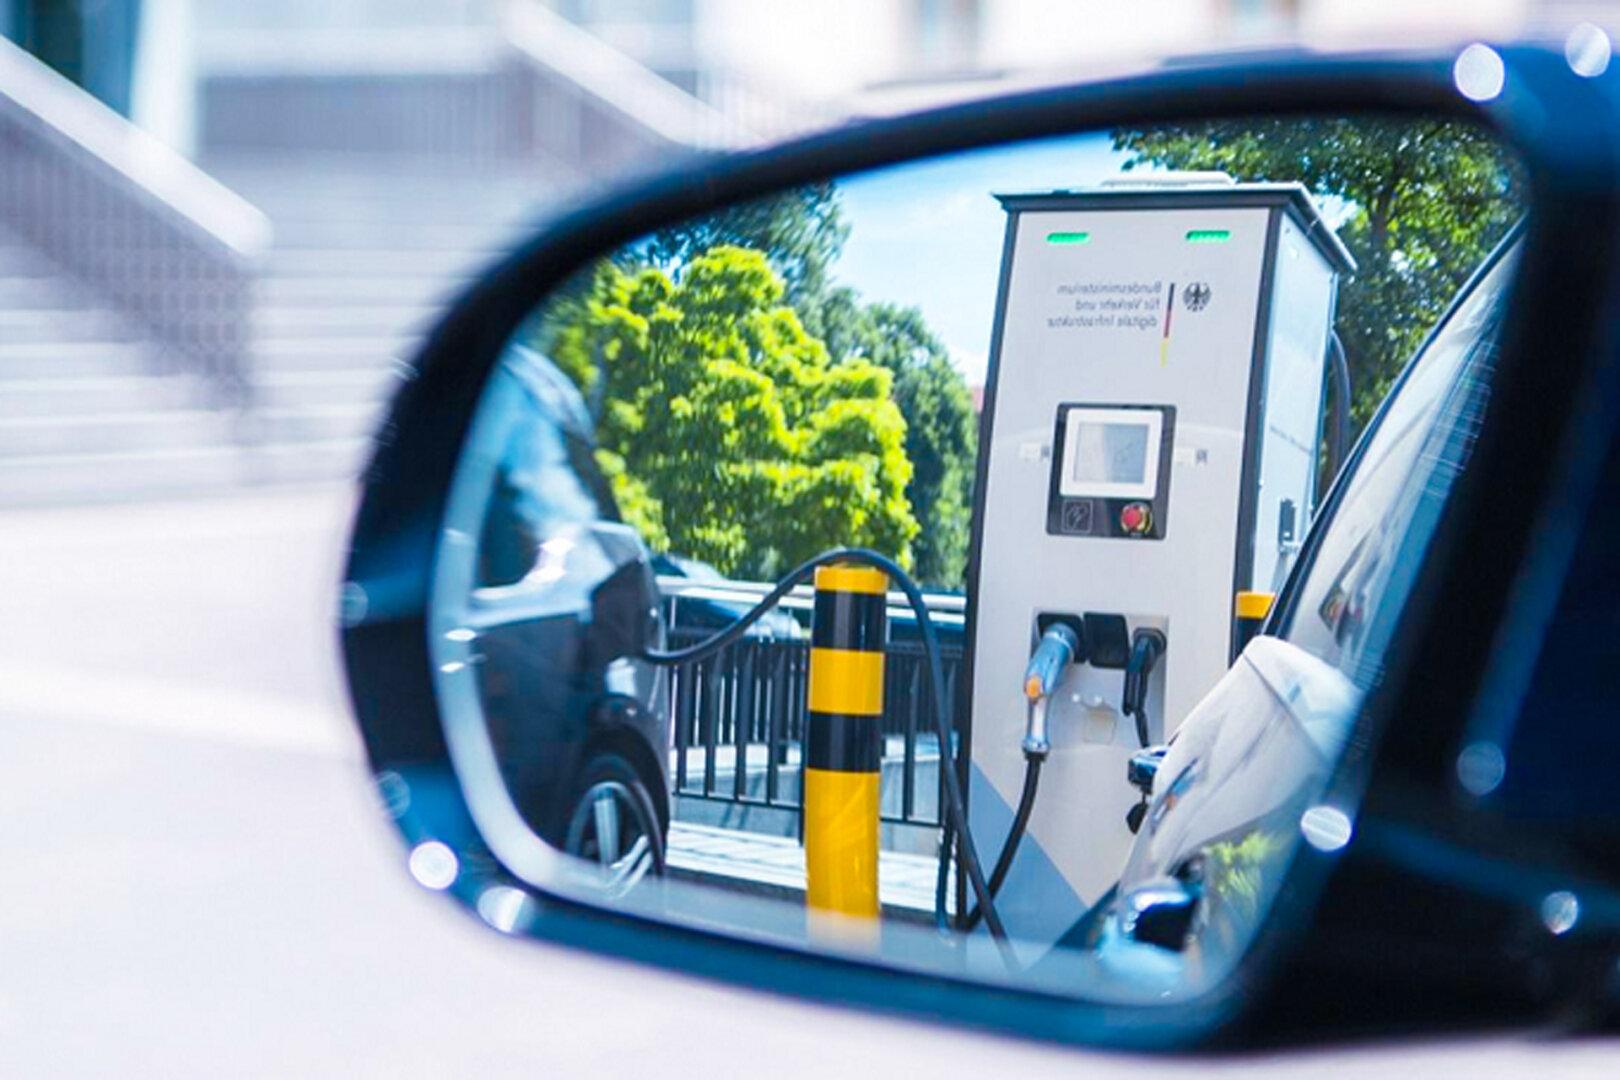 Durch Autoseitenspiegel sieht man eine Ladesäule für E-Autos.